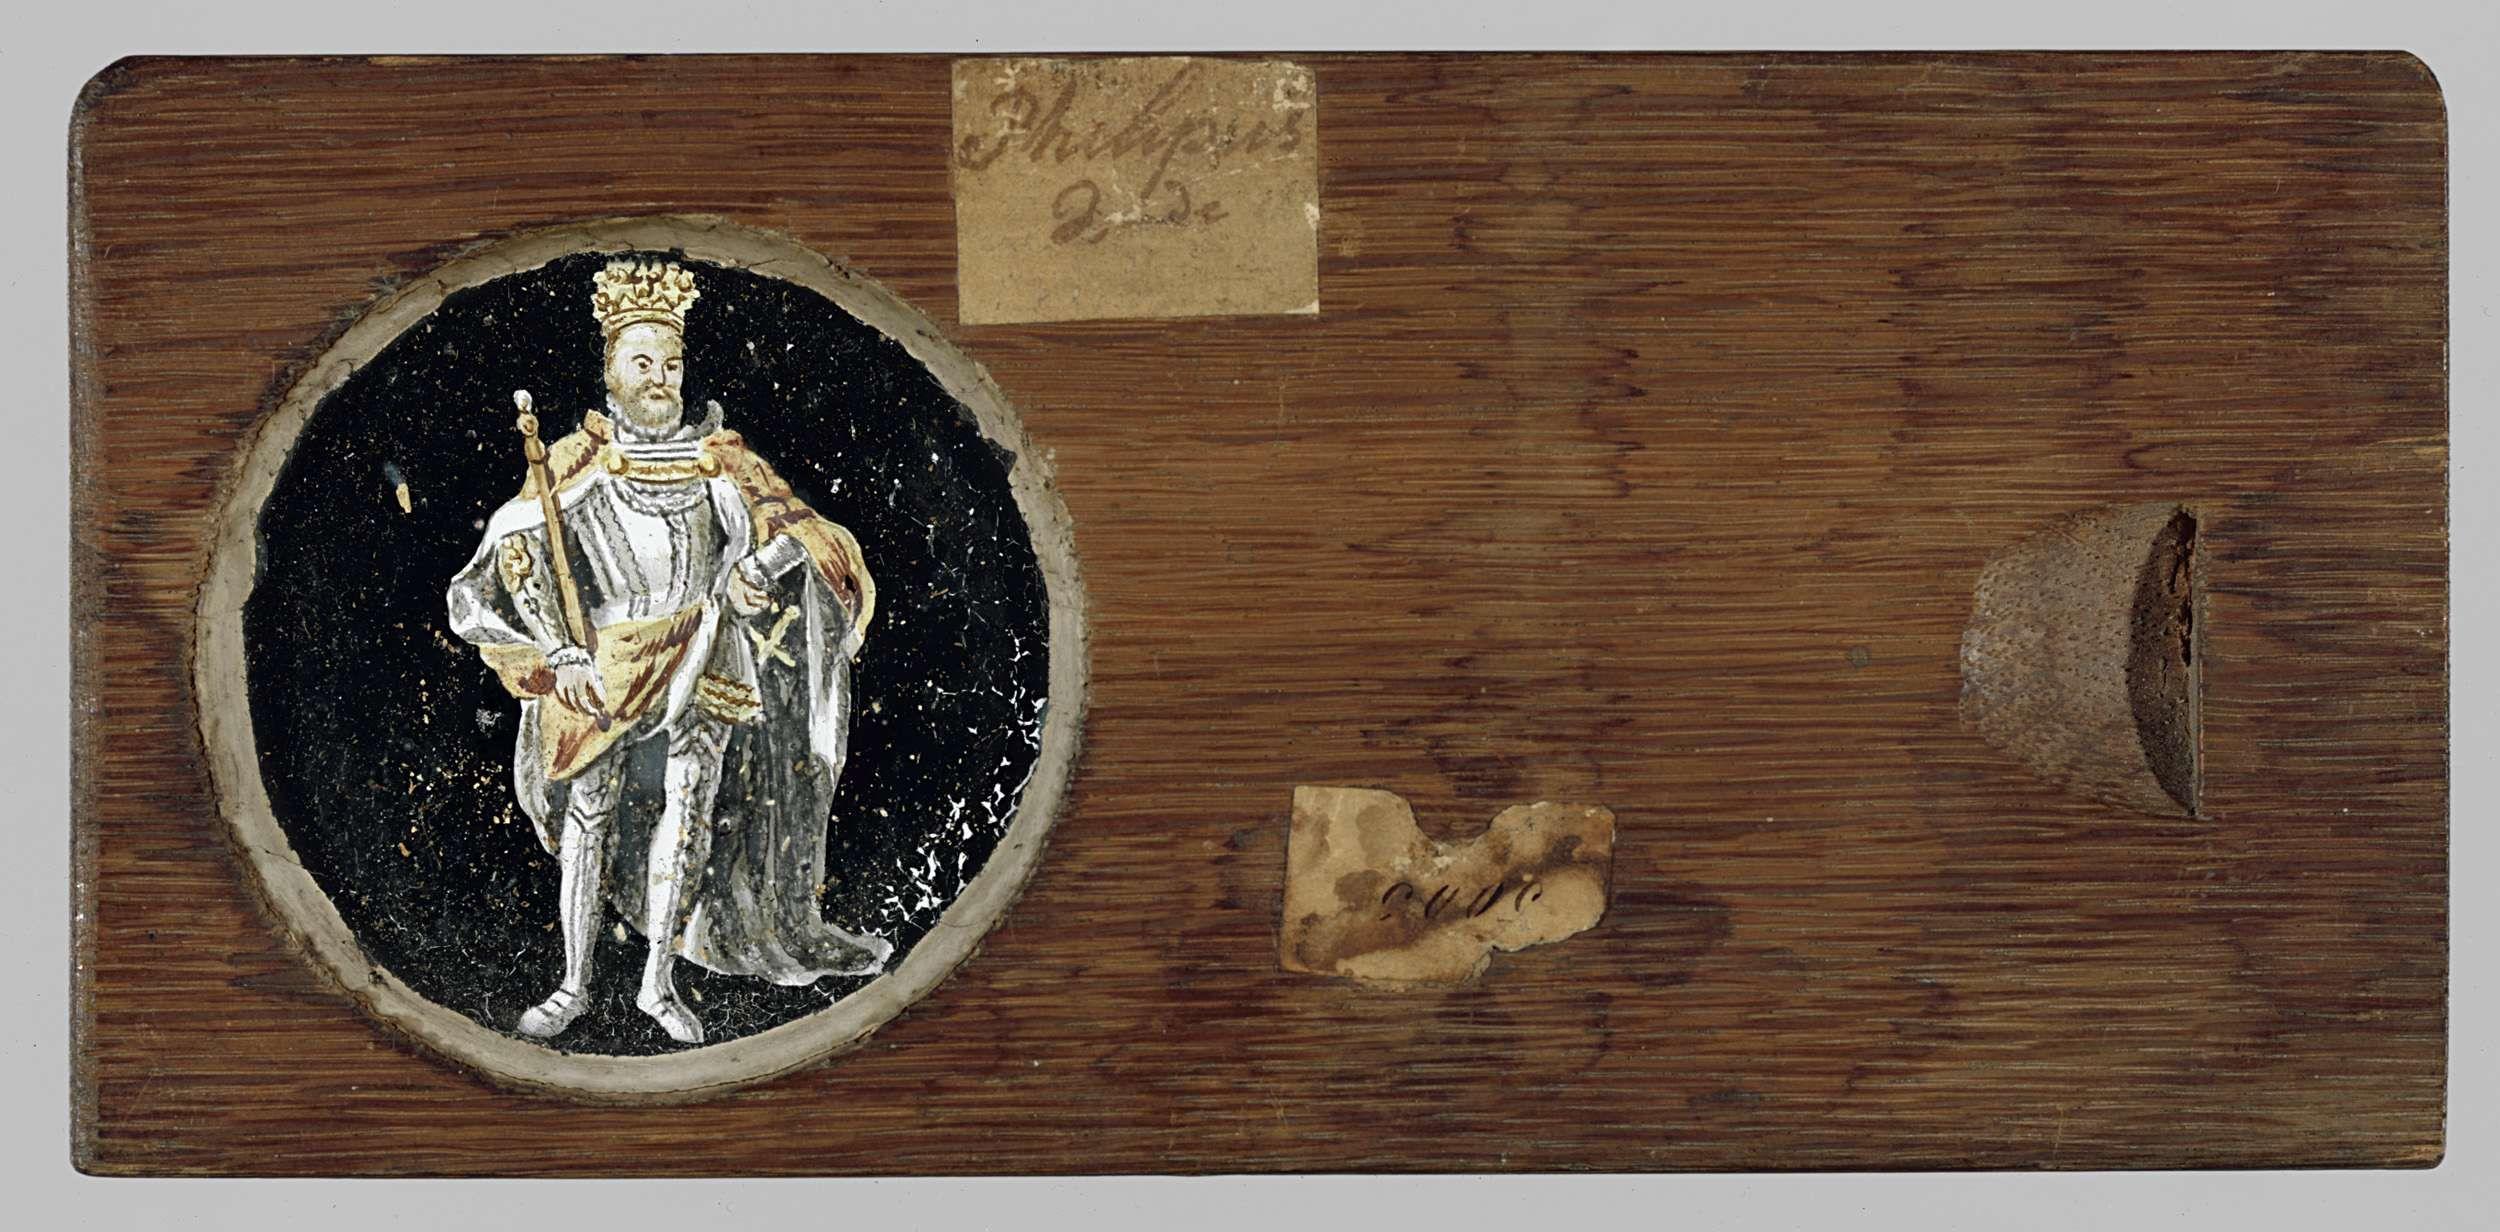 Anonymous   Portret van Filips II, Anonymous, c. 1700 - c. 1790   Ronde glasplaat in houten vatting. Portret ten voeten uit van Philips II, met koningsmantel en kroon. In zijn rechterhand een scepter, de linkerhand in de zij.